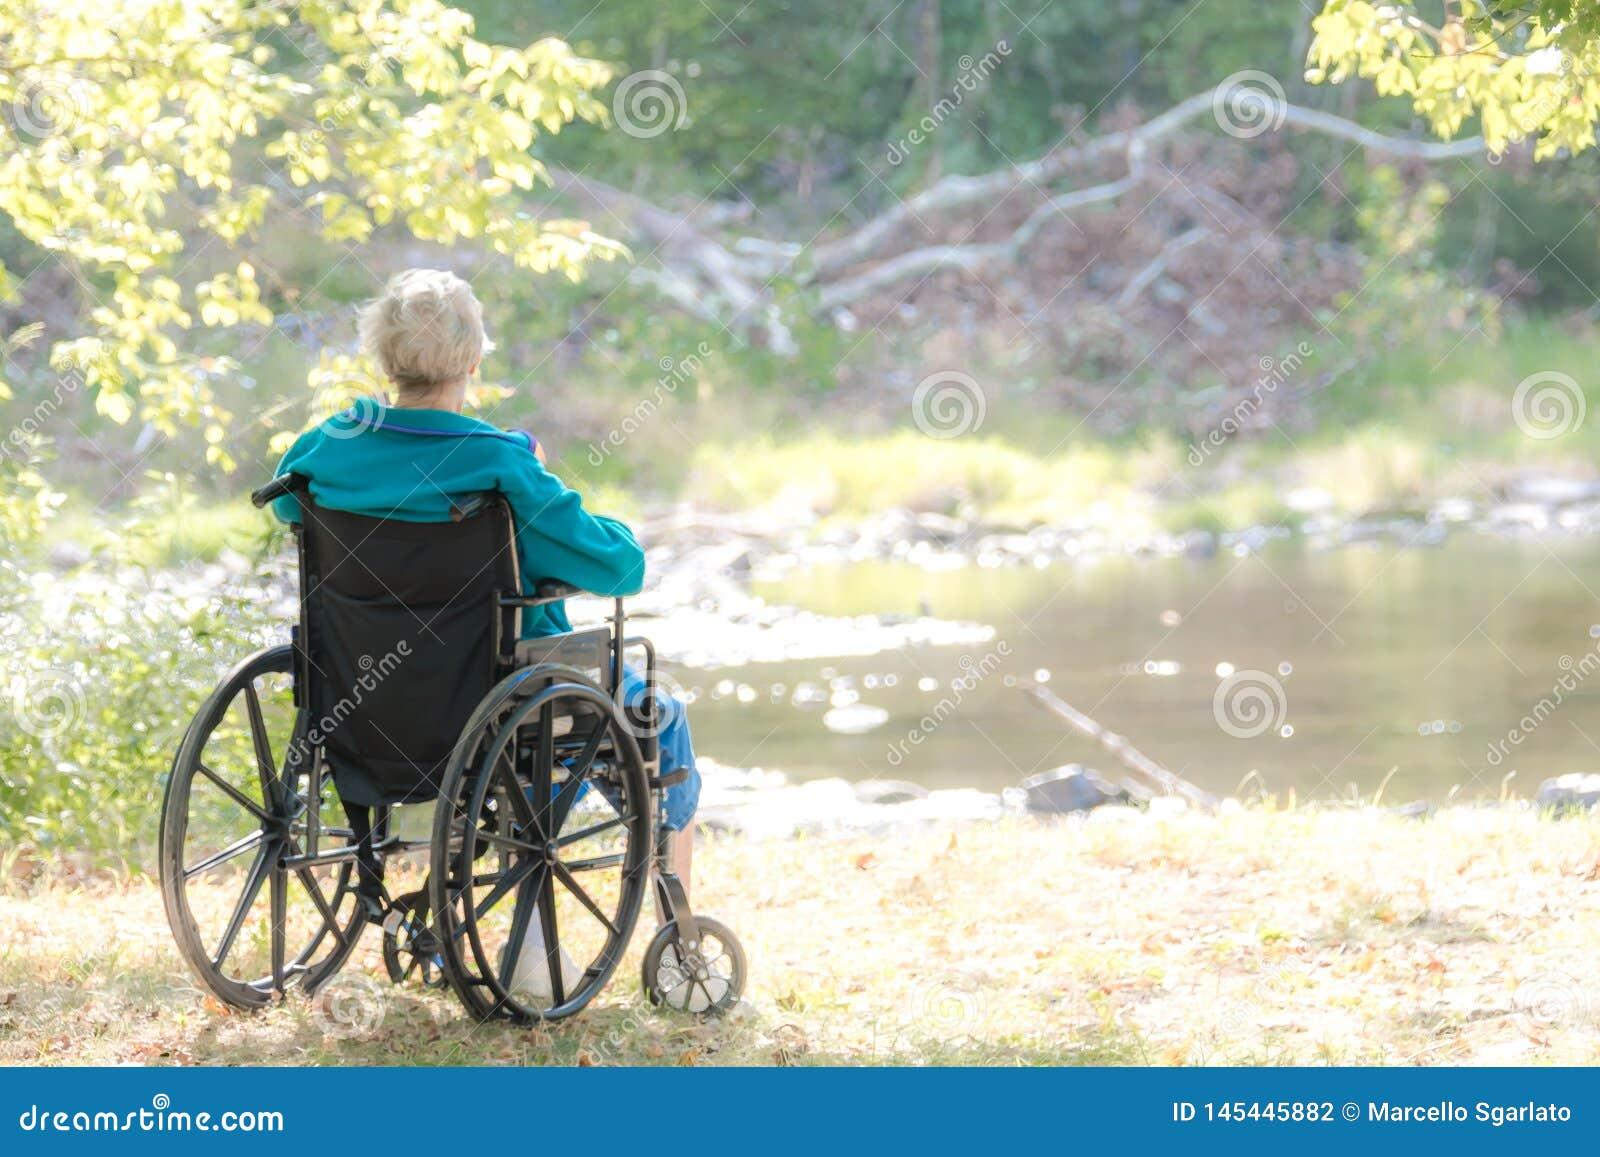 Vrouw op een weelchair